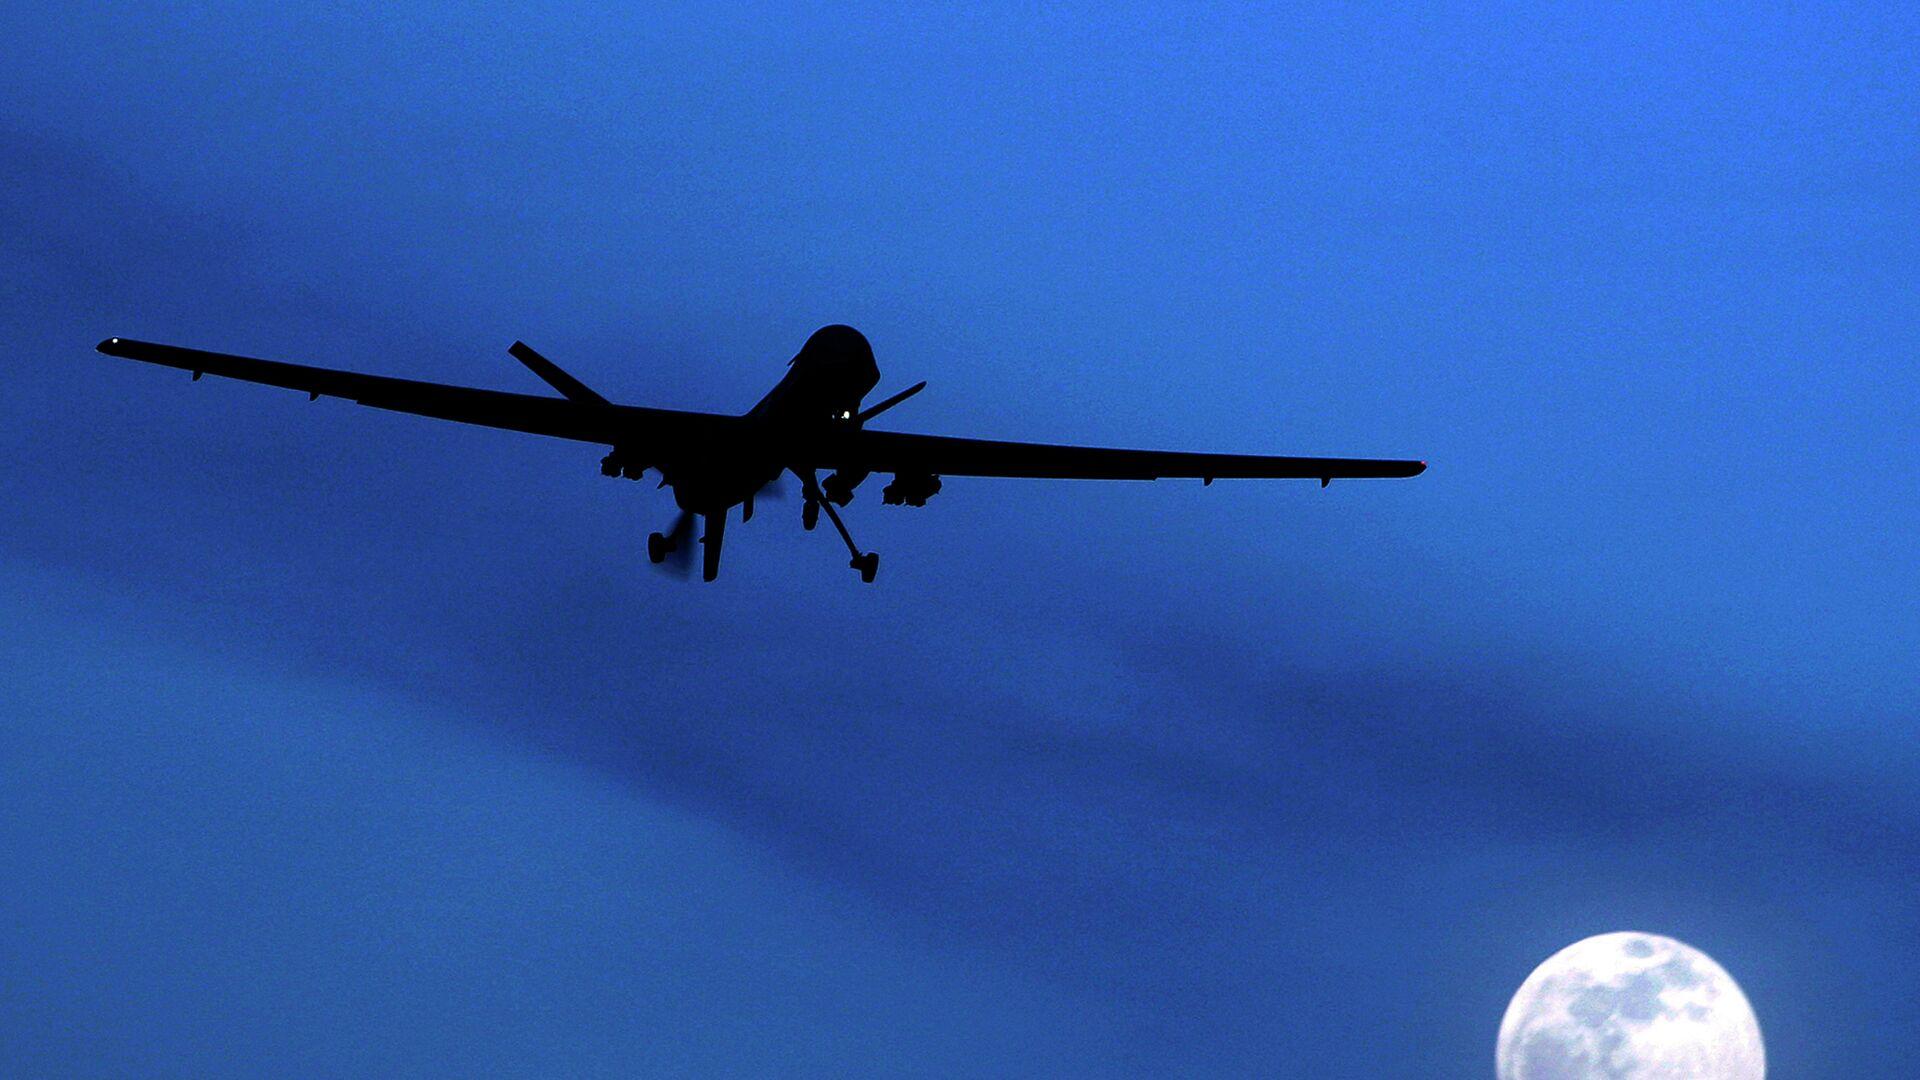 General Atomics MQ-9 Reaper drone  - Sputnik International, 1920, 20.09.2021